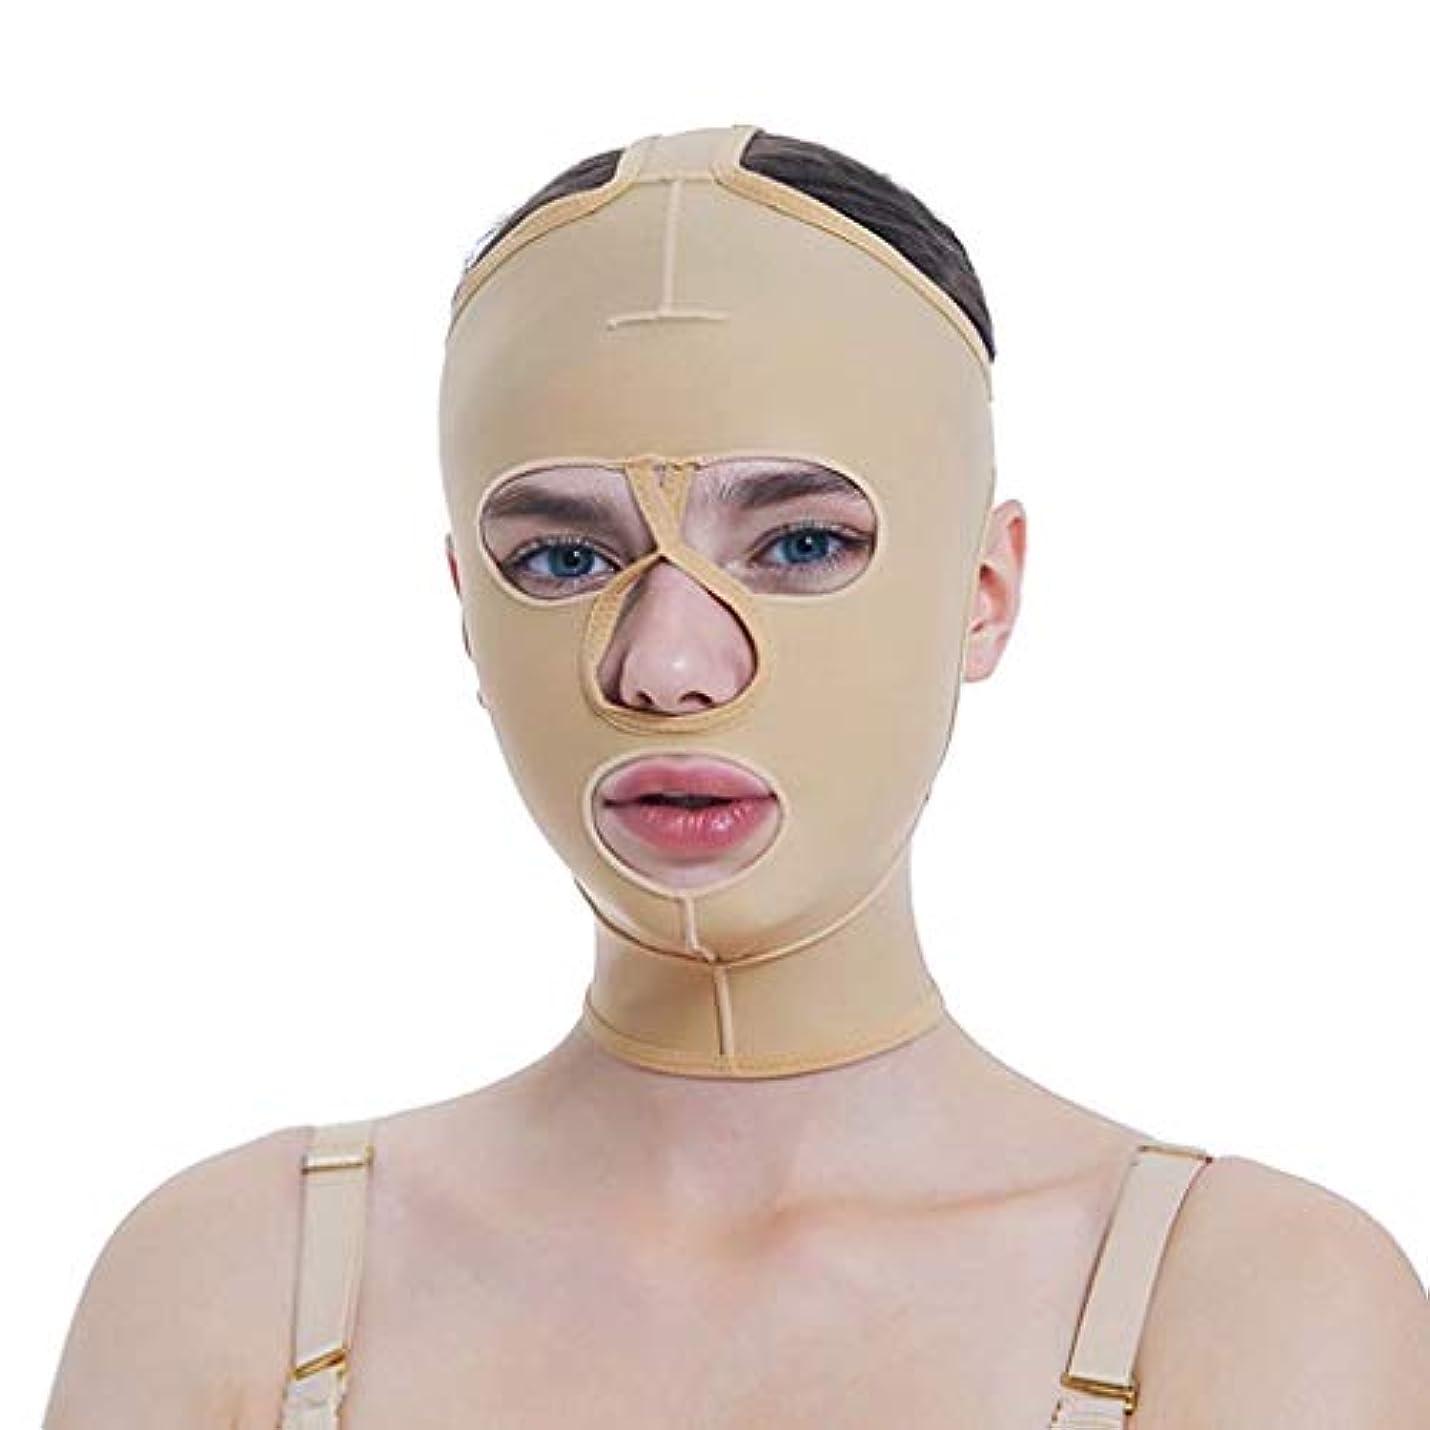 不器用カニ謝罪する脂肪吸引術用成形マスク、薄手かつらVフェイスビームフェイス弾性スリーブマルチサイズオプション(サイズ:S)